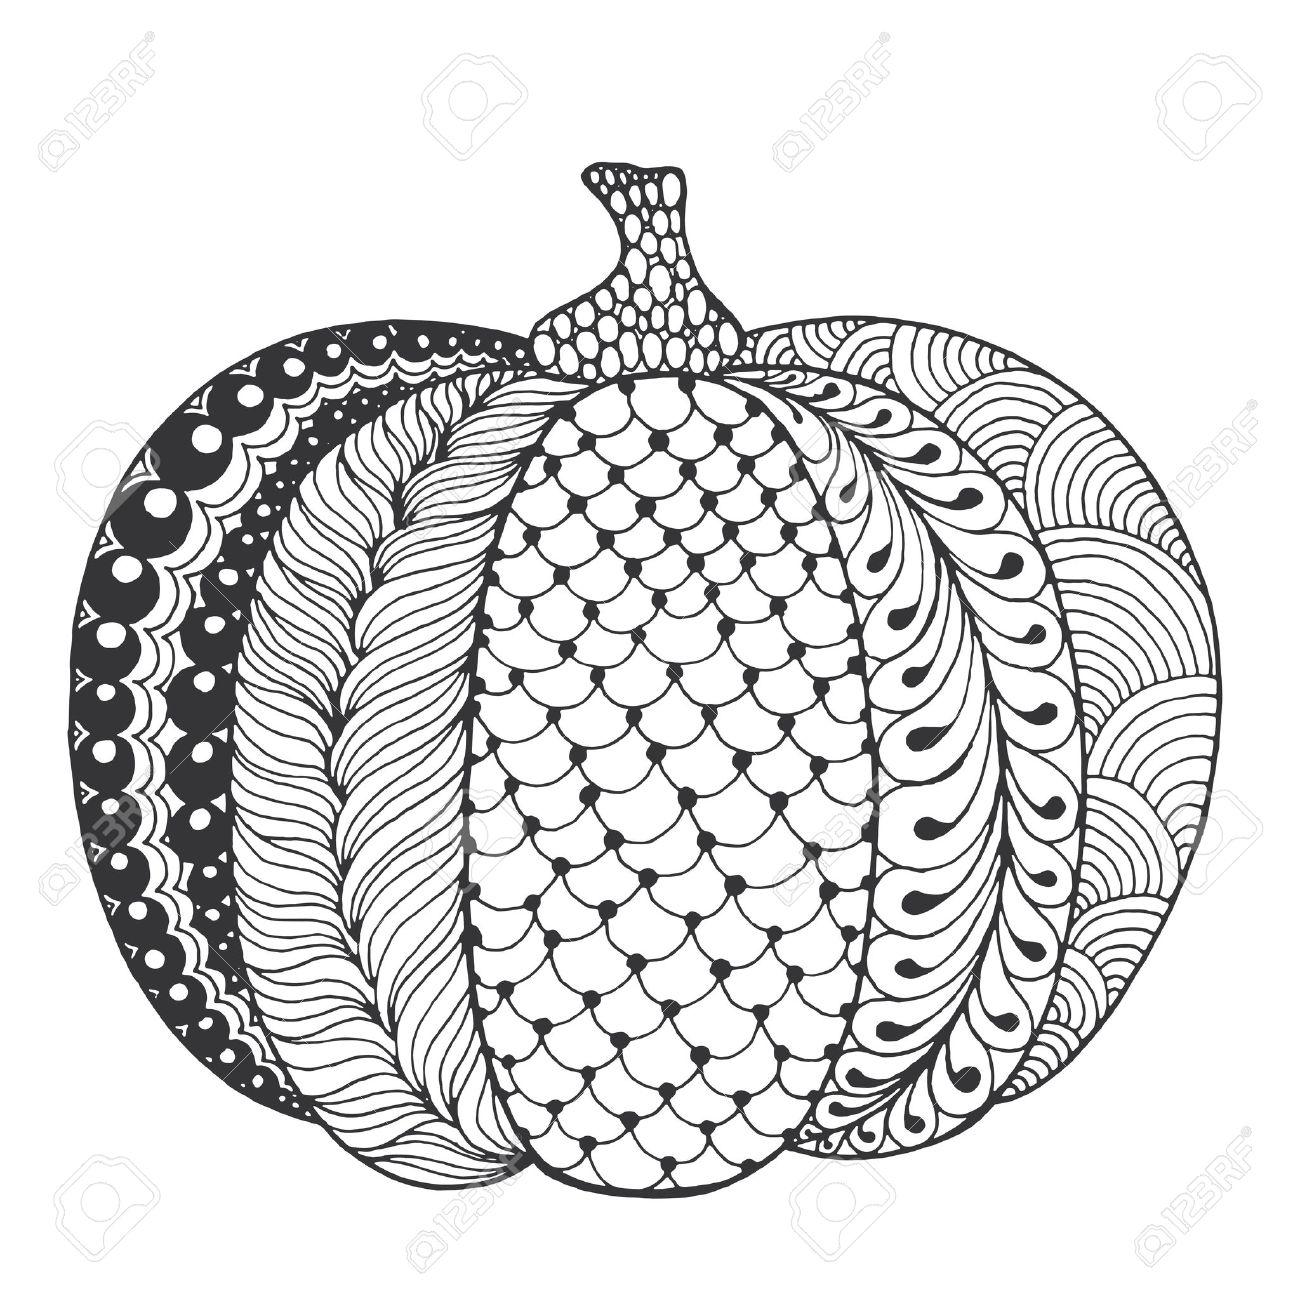 Zentangle Stilisierte Kürbis. Schwarz-weiße Vektor-Illustration Hand ...